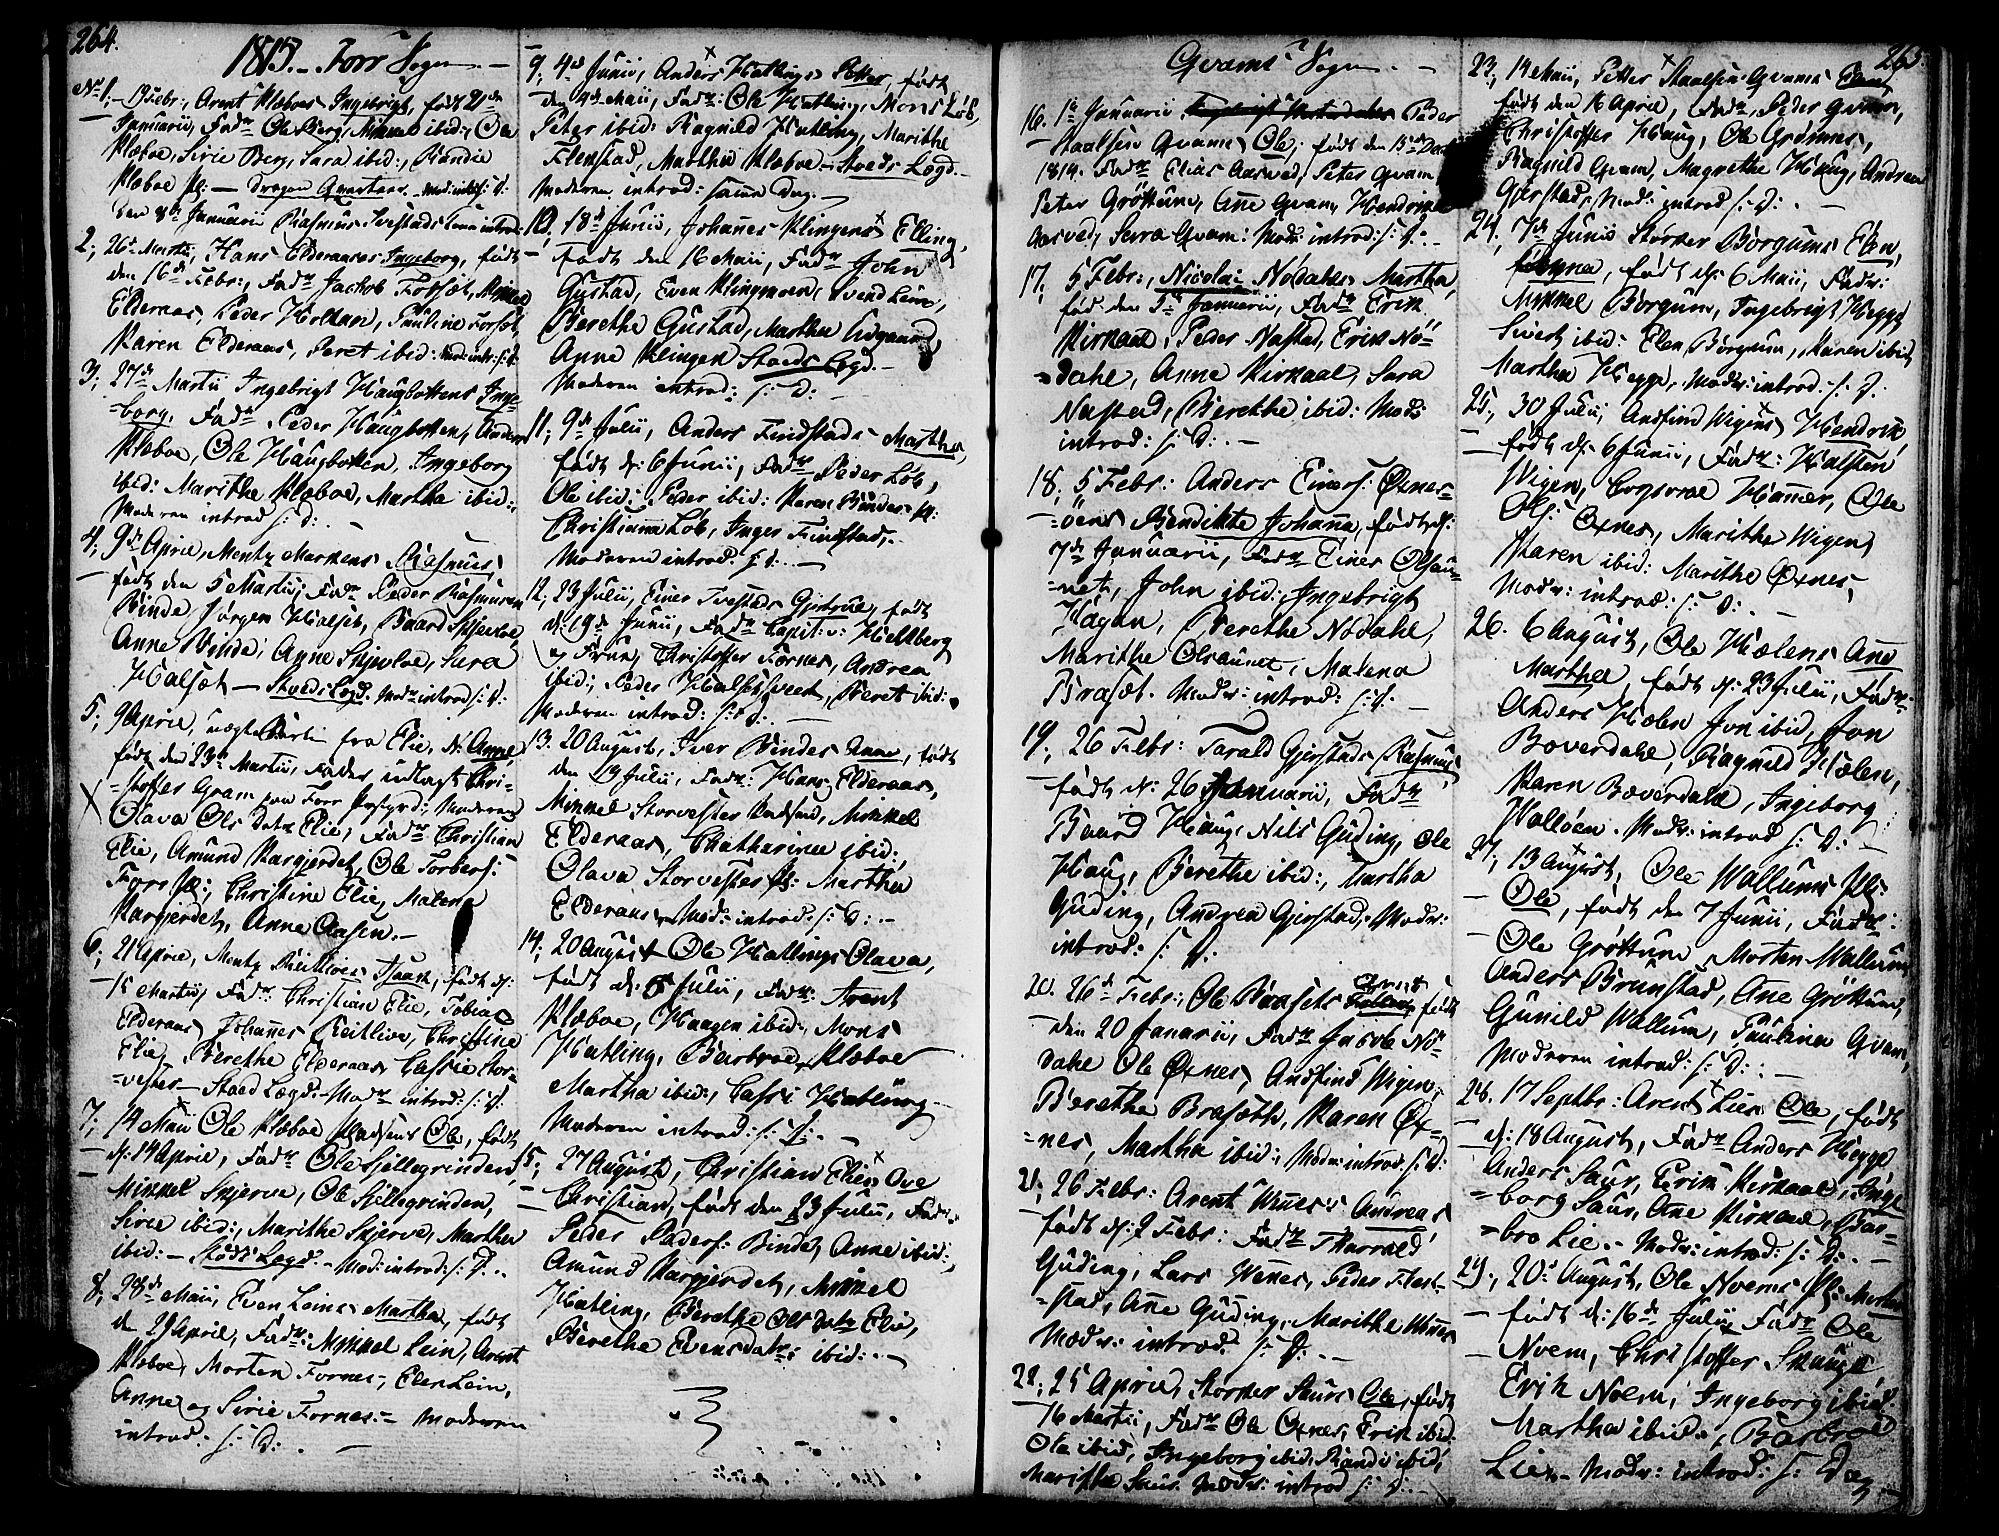 SAT, Ministerialprotokoller, klokkerbøker og fødselsregistre - Nord-Trøndelag, 746/L0440: Ministerialbok nr. 746A02, 1760-1815, s. 264-265